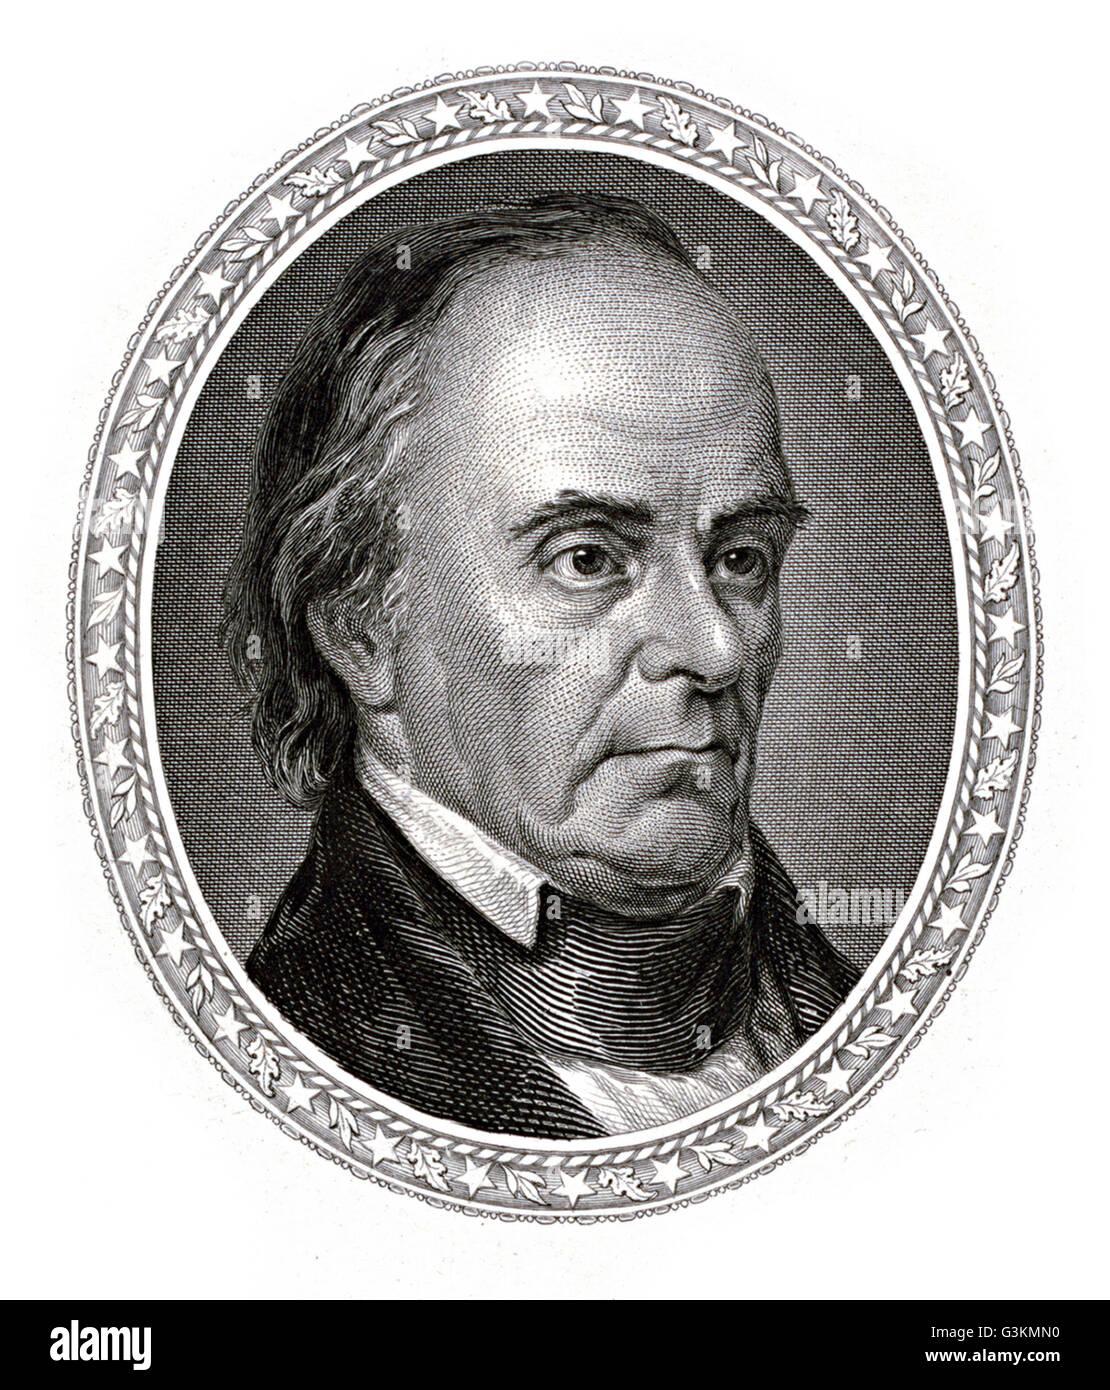 Daniel Webster, 1782 - 1852 - Stock Image